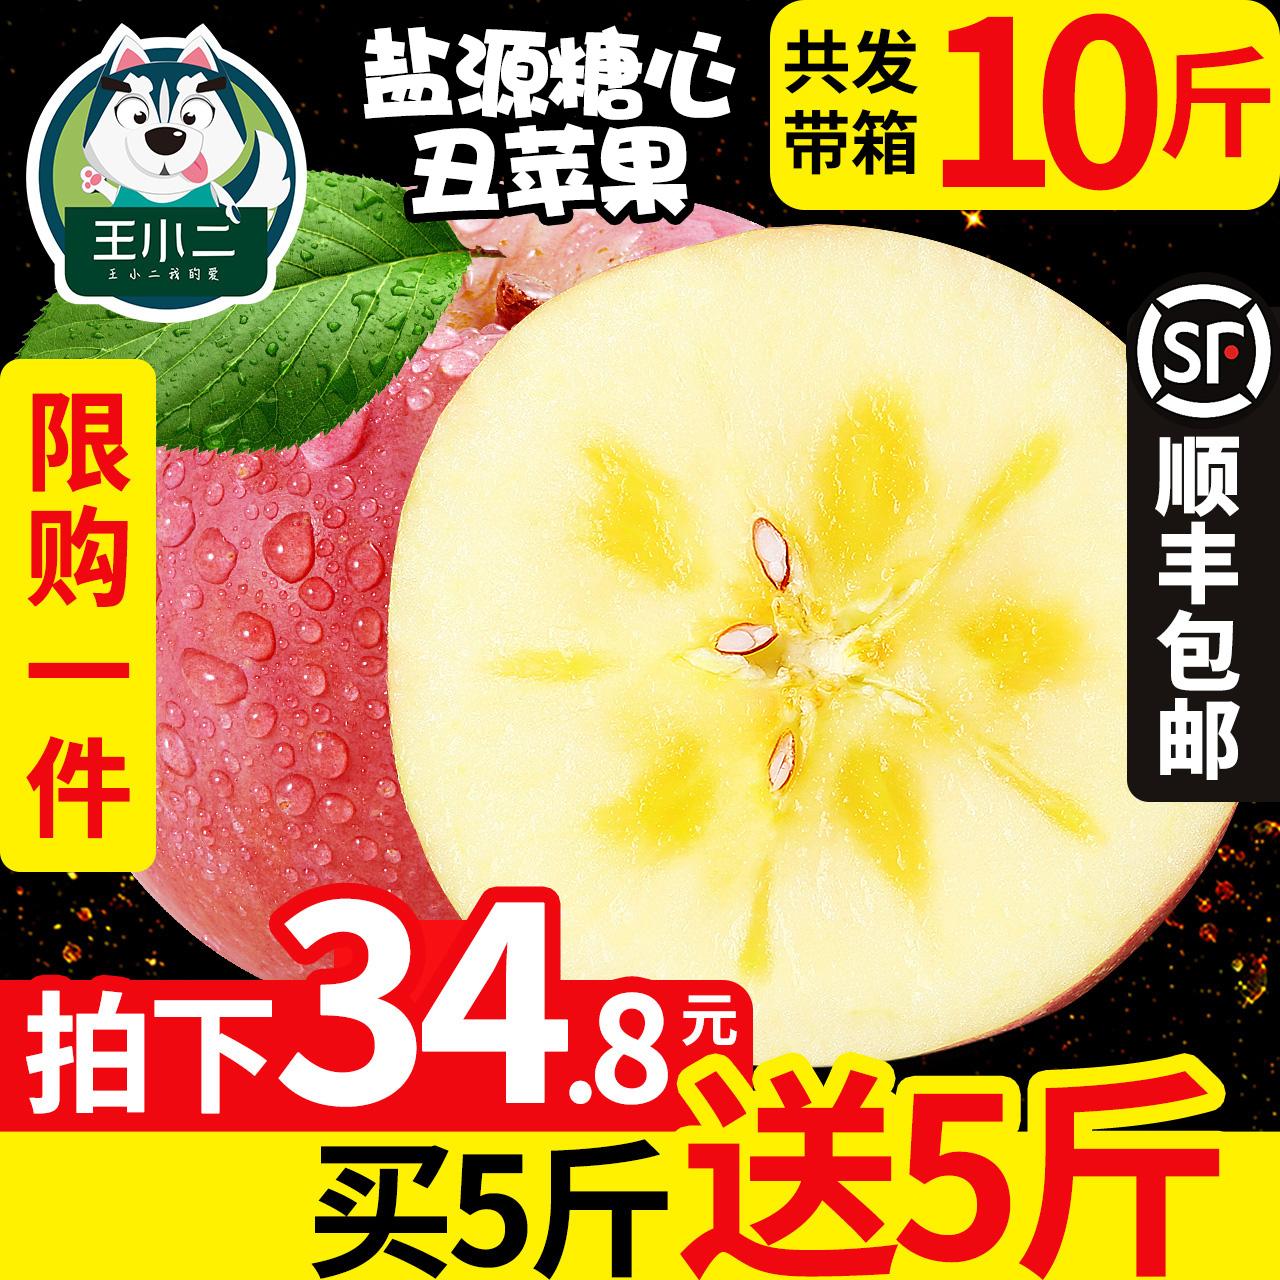 【买1送1】大凉山盐源冰糖心丑苹果新鲜水果包邮红富士整带箱10斤(非品牌)